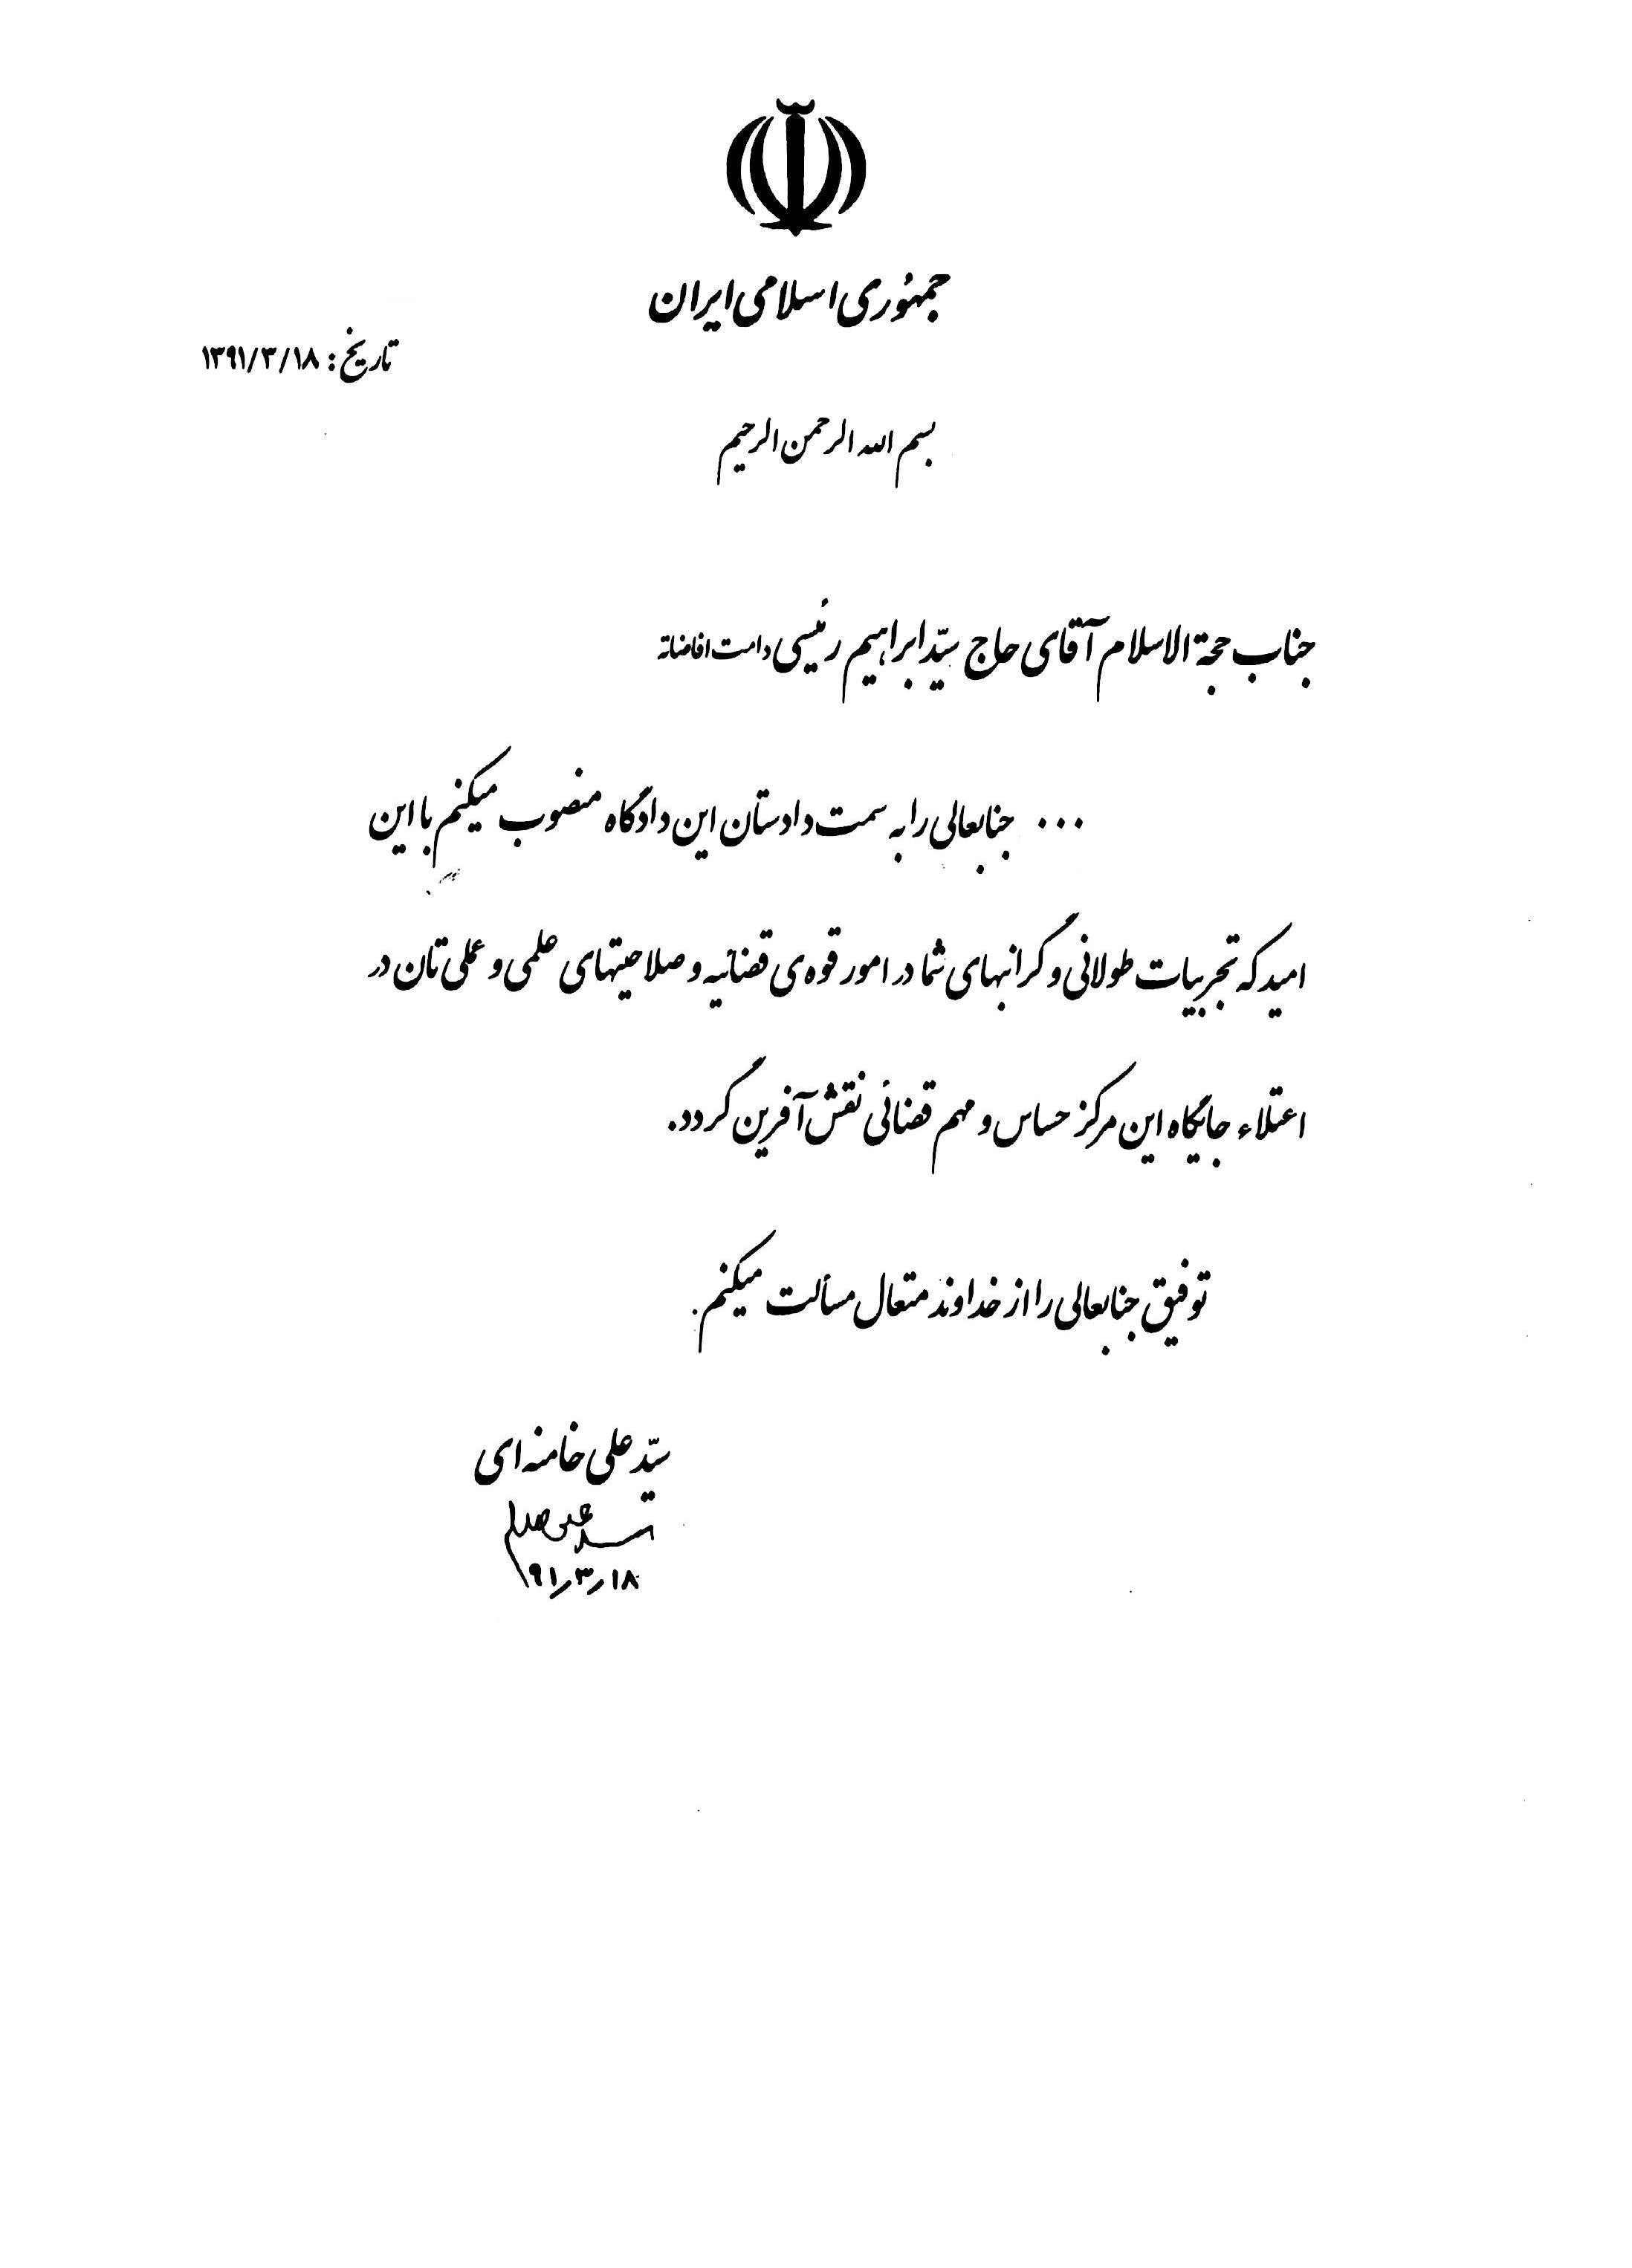 بخشی از حکم رهبرمعظم انقلاب در انتصاب حجت الاسلام رئیسی به سمت دادستان دادگاه ویژه